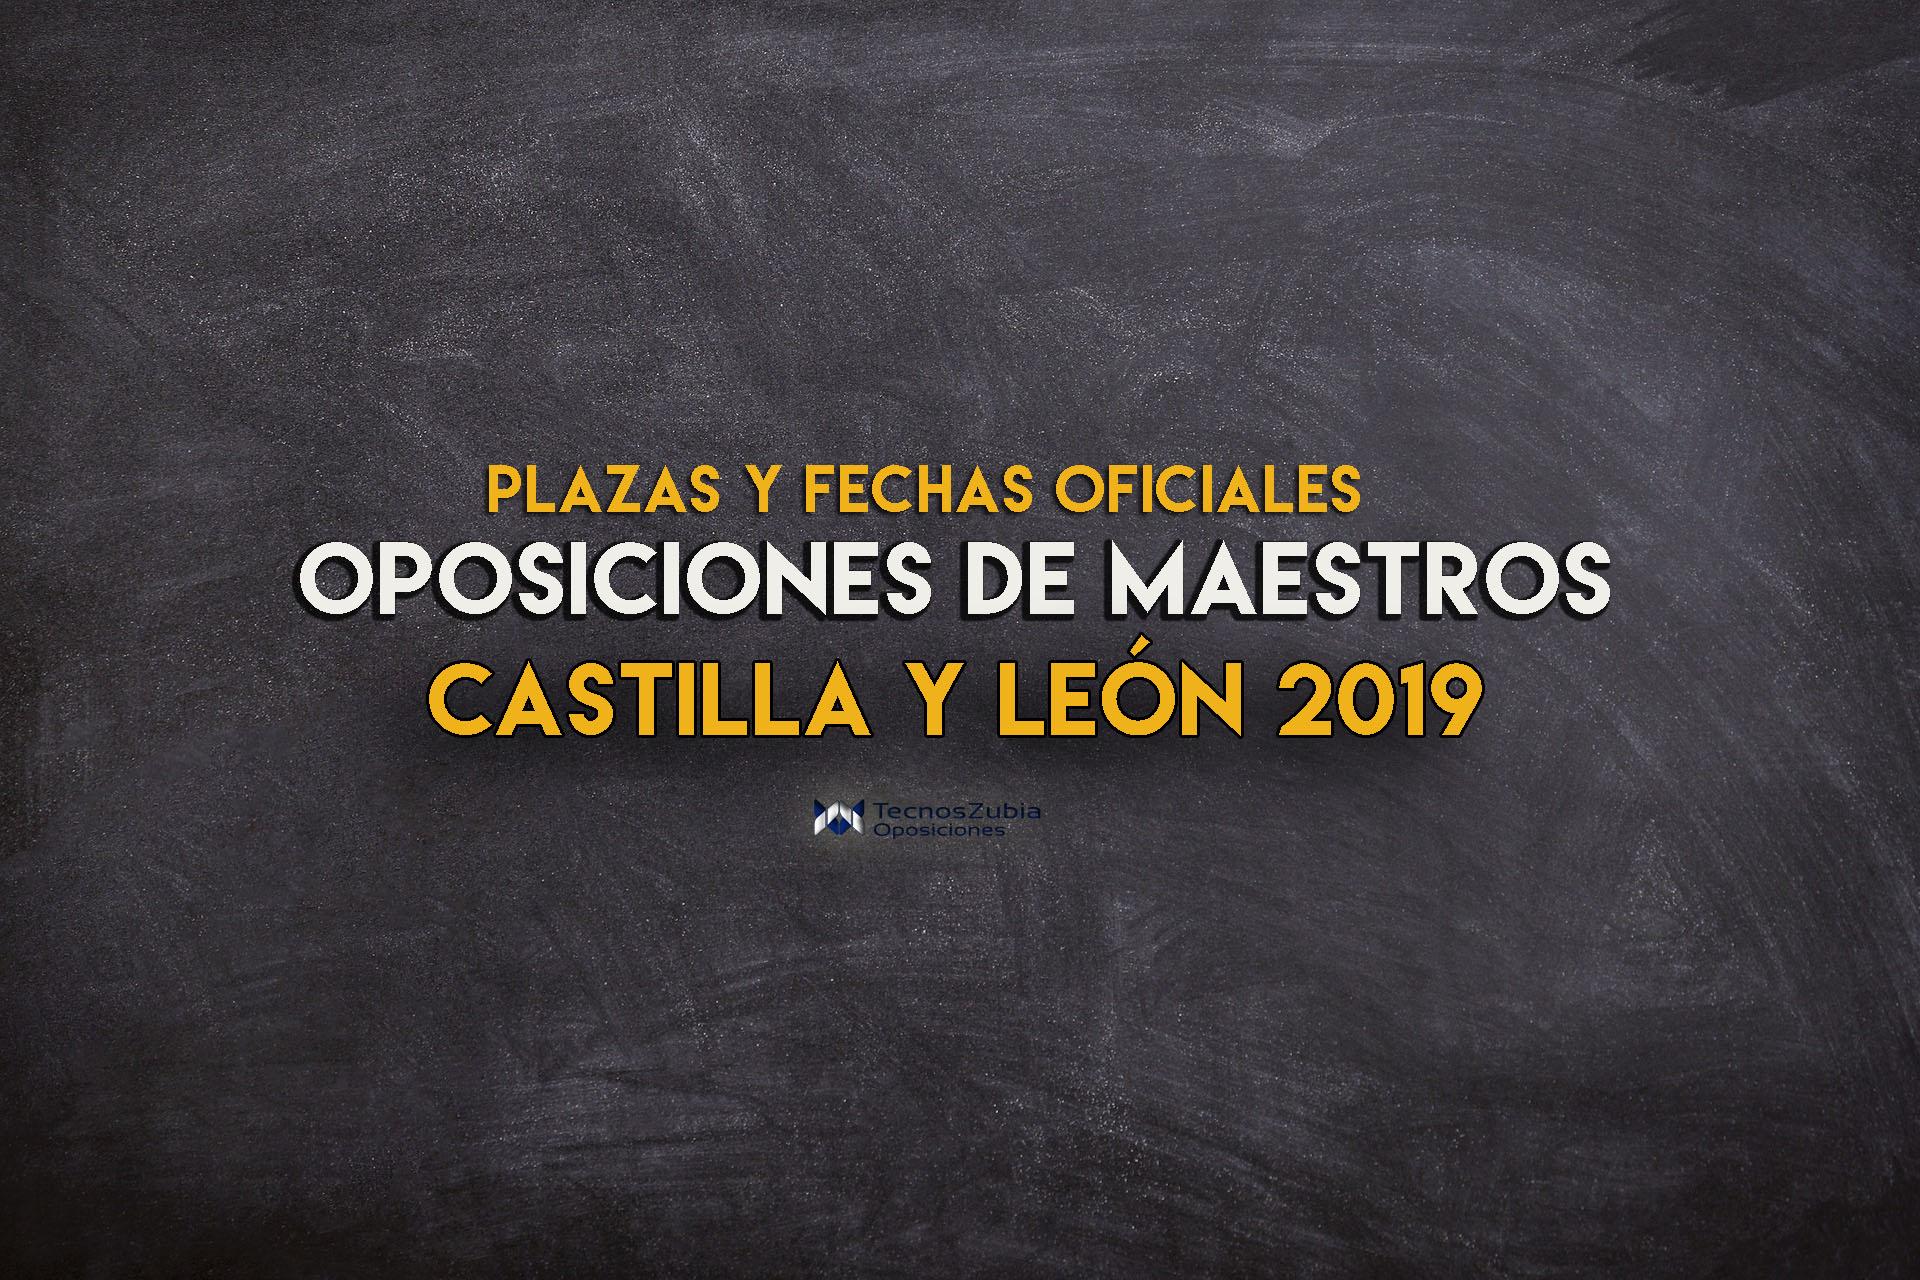 Anunciadas las oposiciones de maestros Castilla y León 2019: toda la información